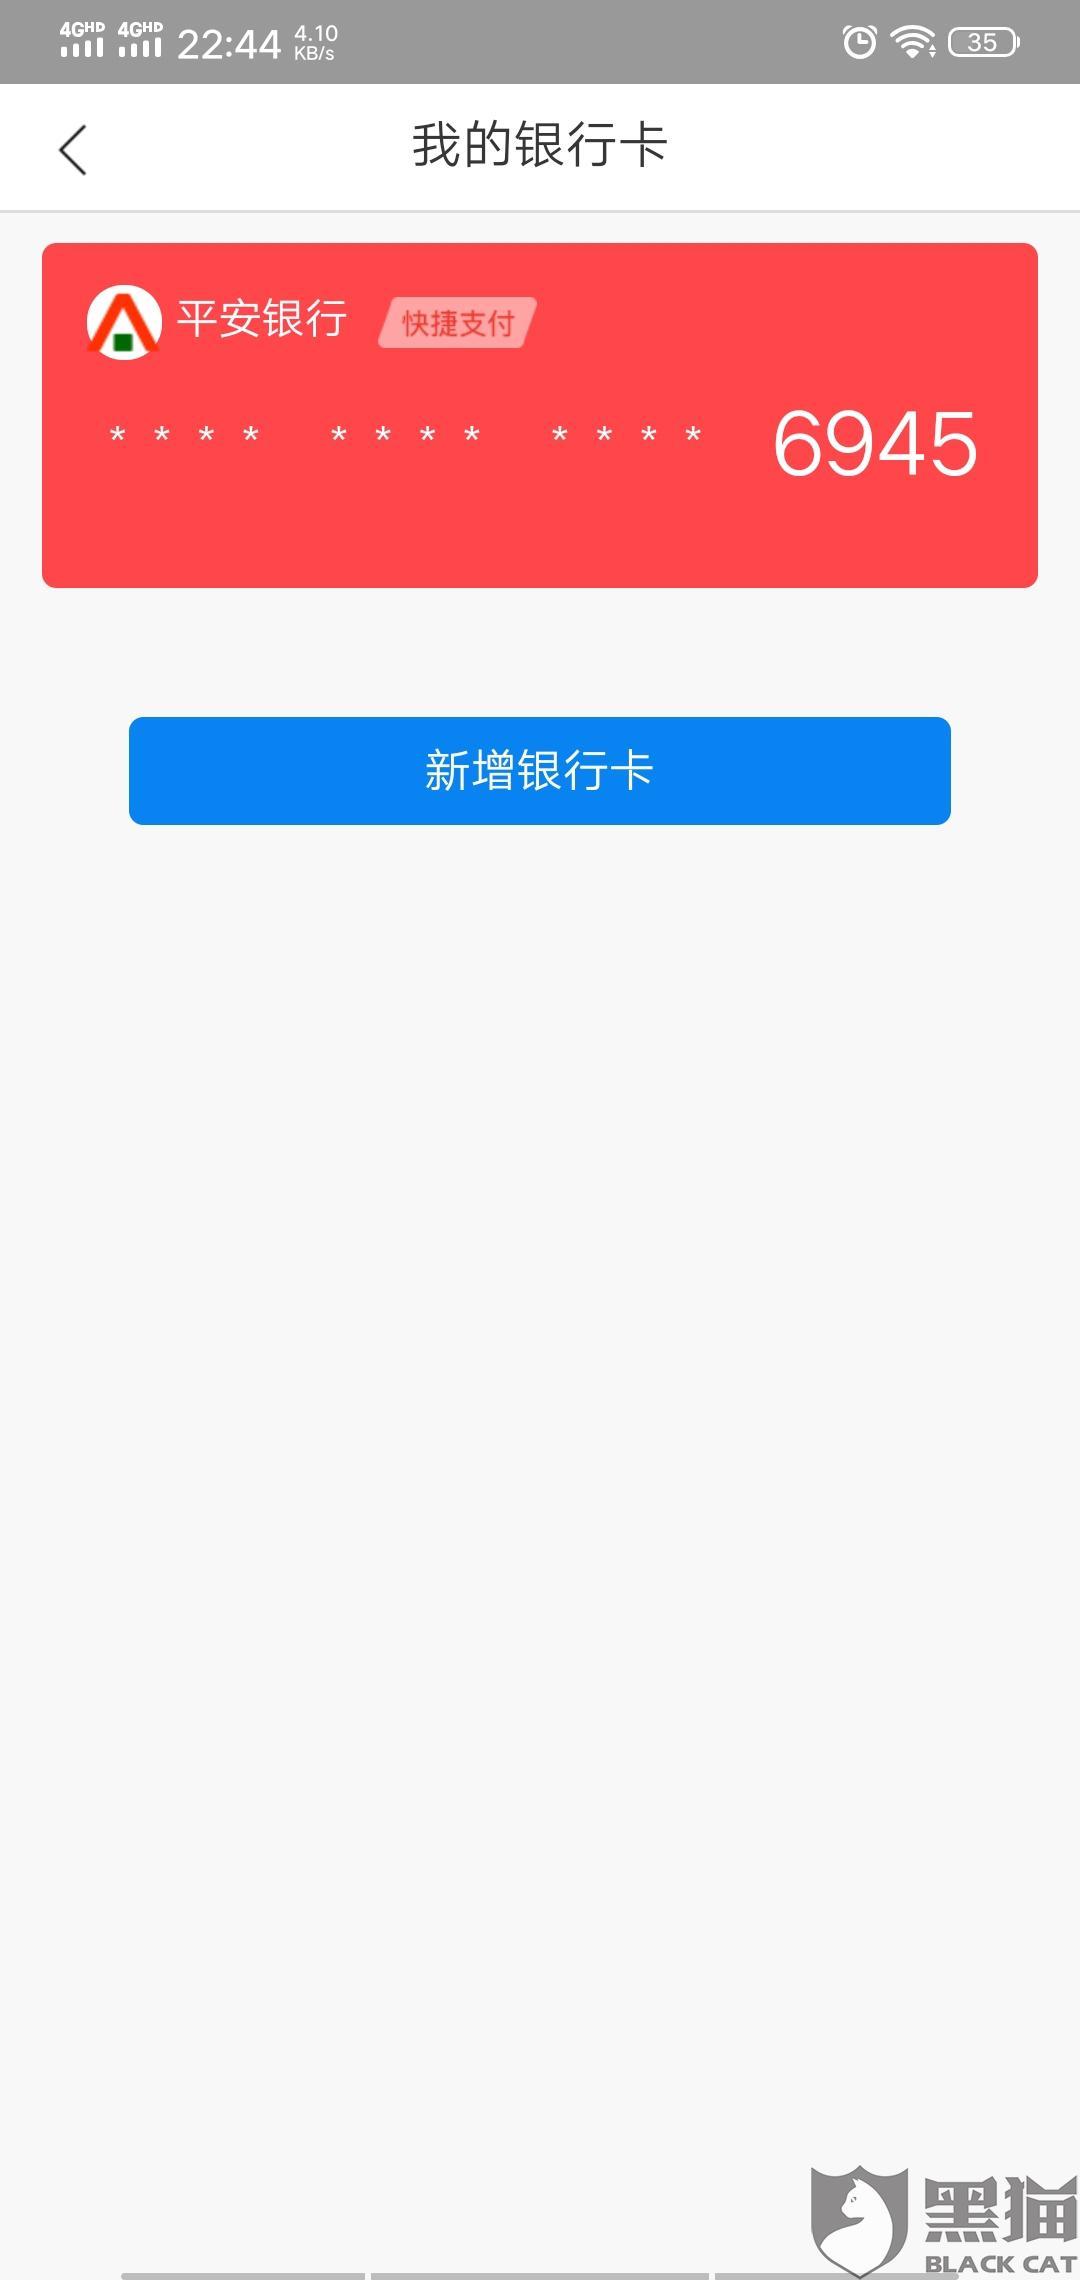 黑猫投诉:海南辰建网络科技有限公司